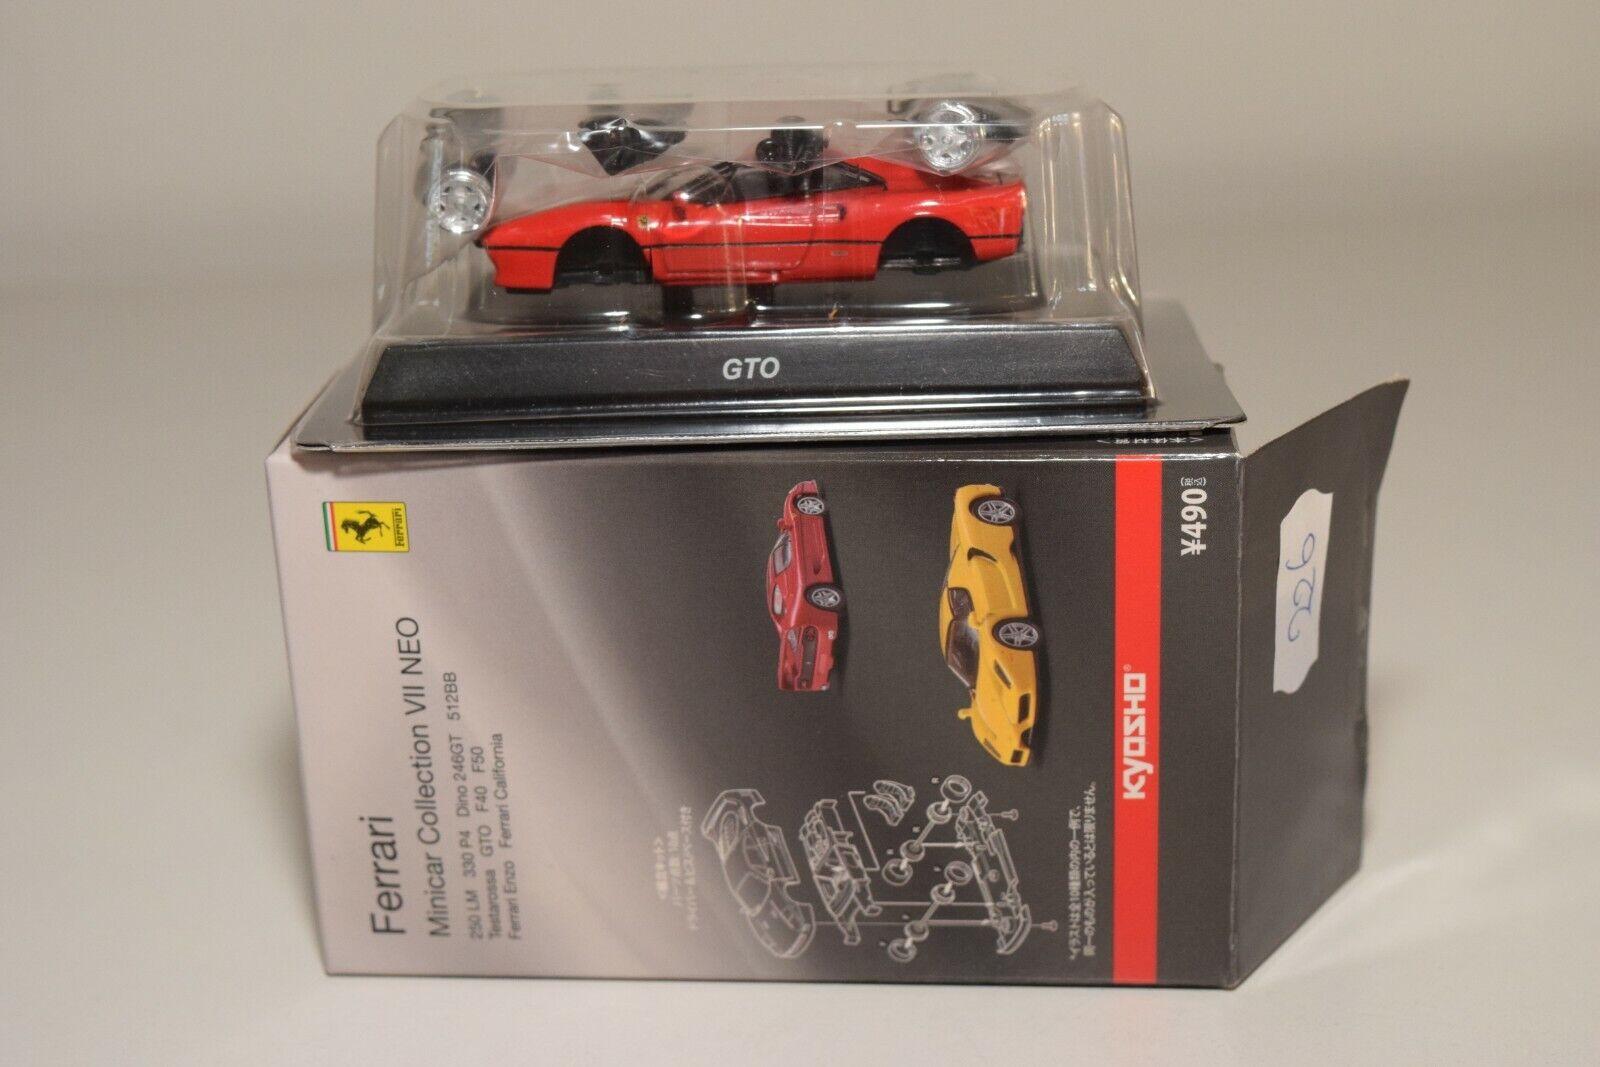 ventas en linea V 1 64 226 KYOSHO COLLECTION 7 7 7 NEO FERRARI GTO rojo MINT BOXED RARE SELTEN  gran descuento